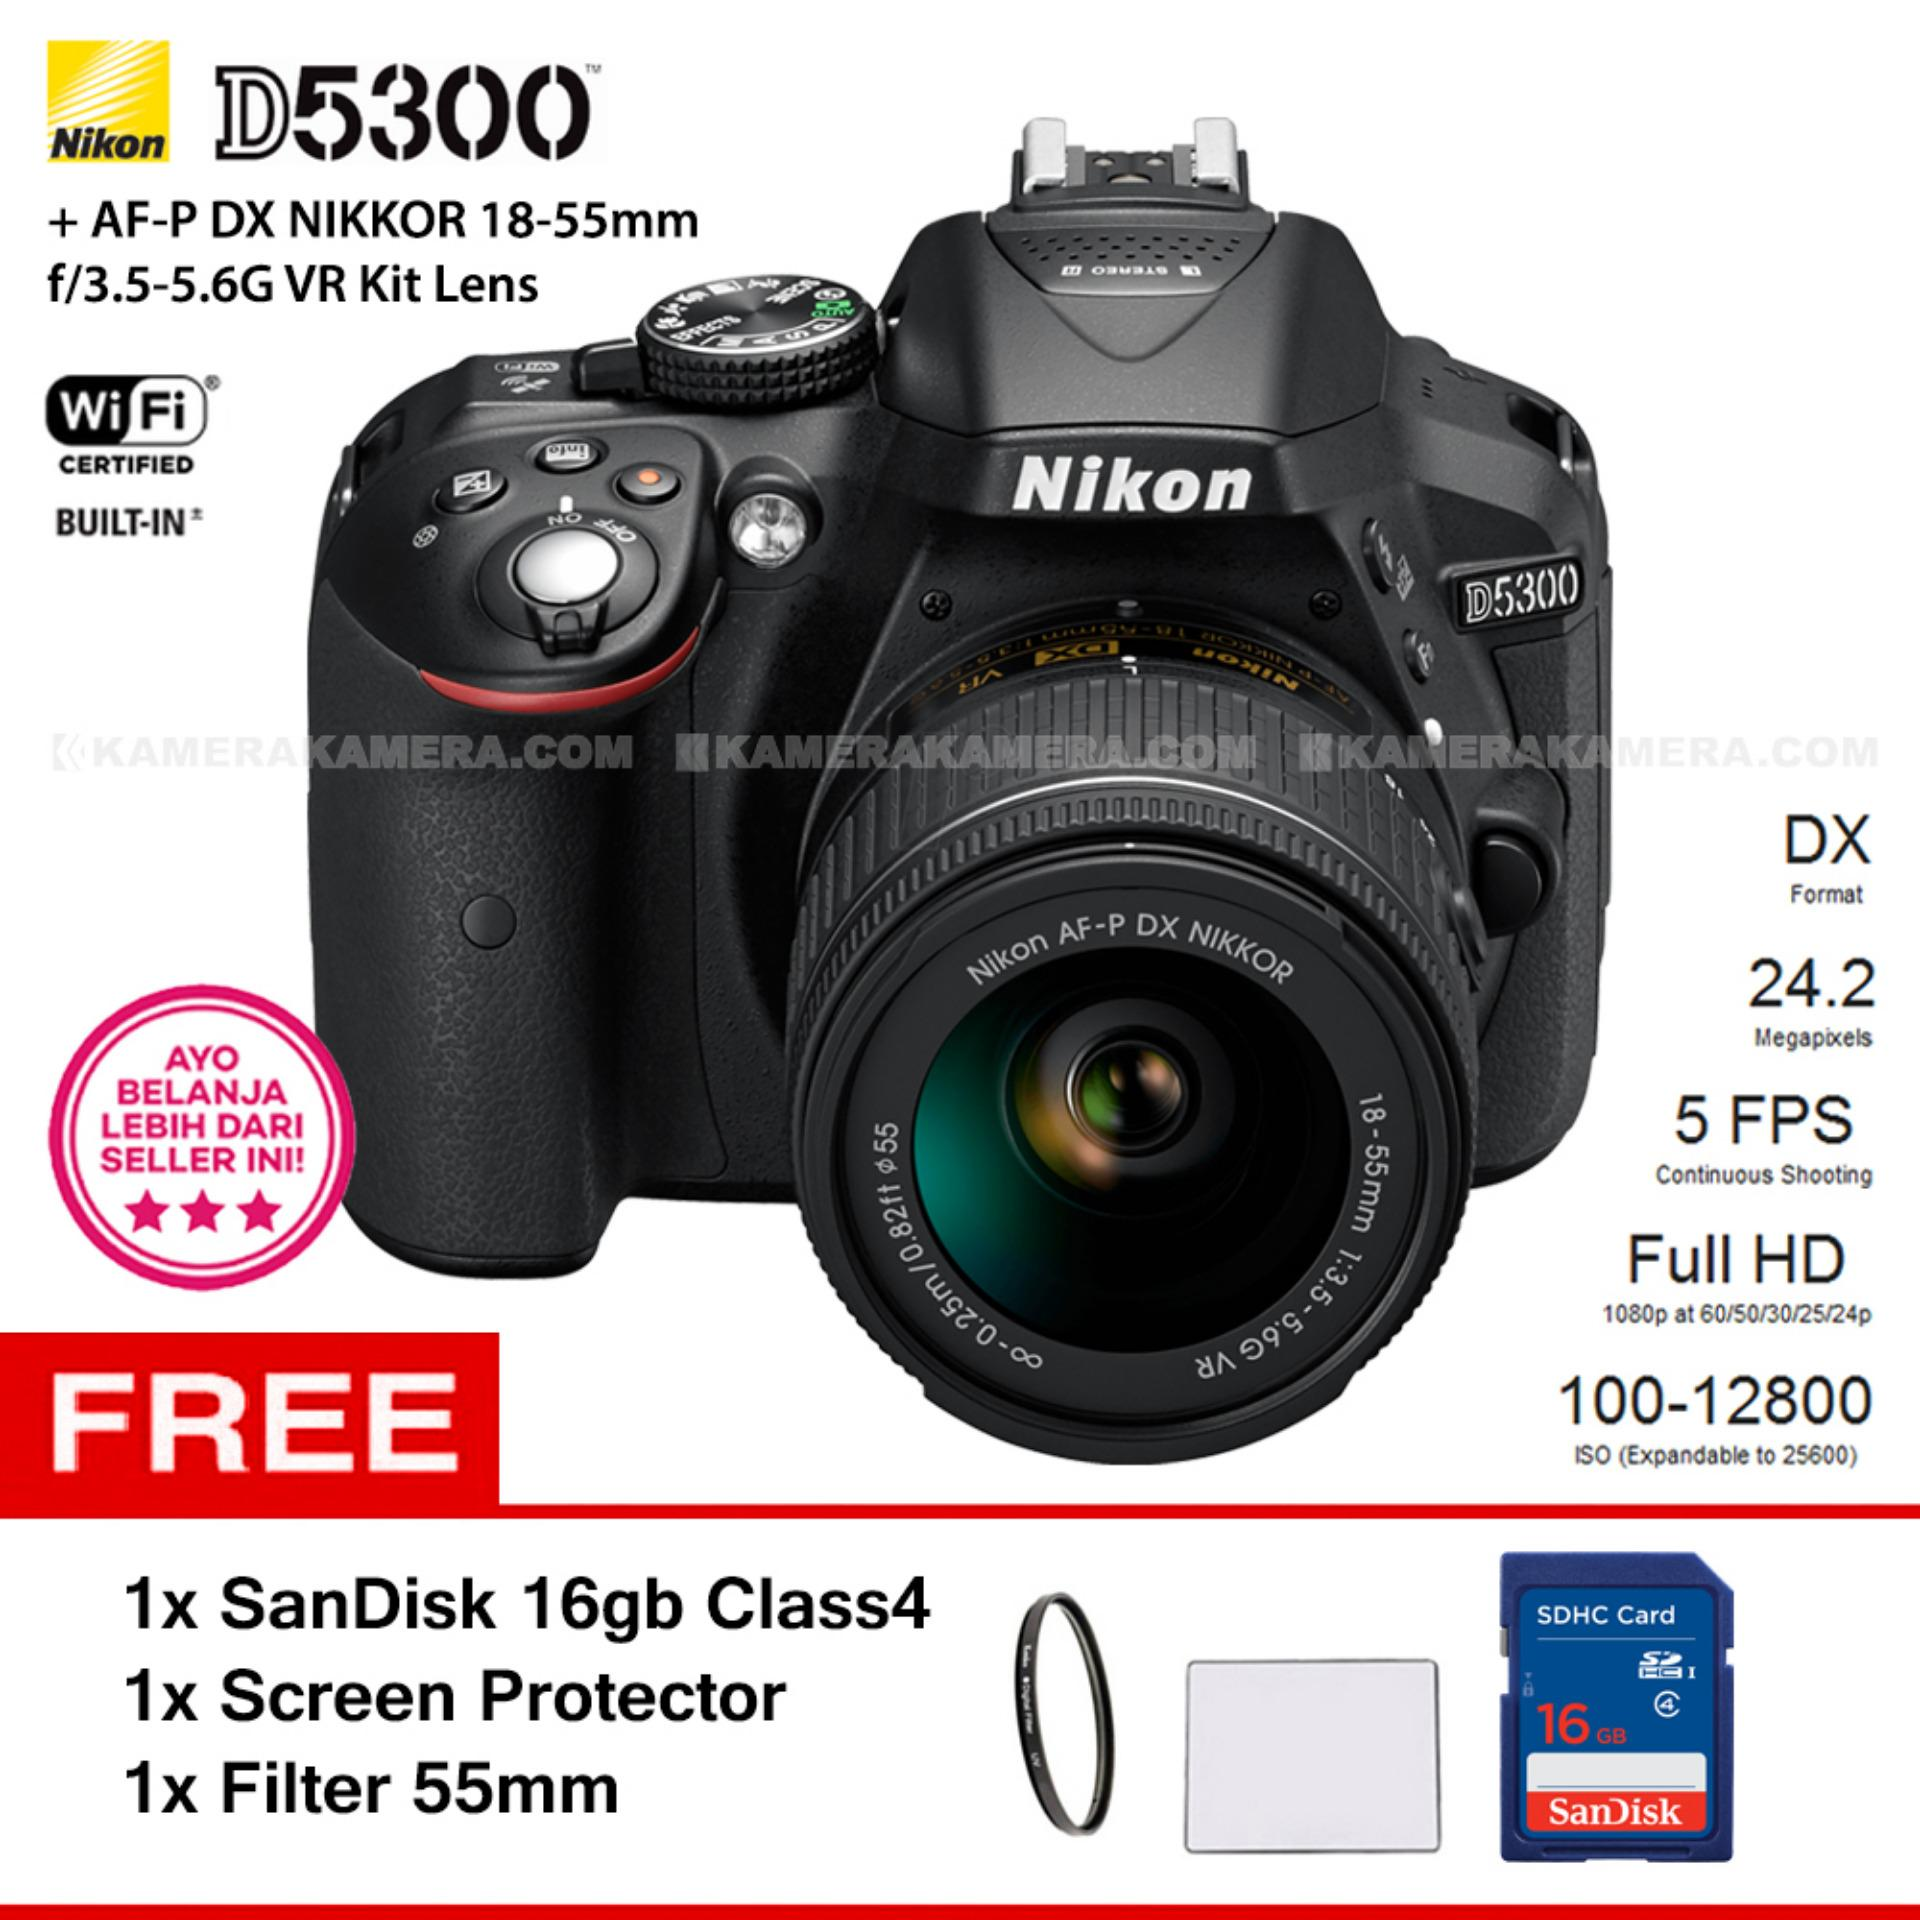 NIKON D5300 (BLACK) + AF-P DX NIKKOR 18-55mm f/3.5-5.6G VR Kit Lens WiFi 24.2MP 5FPS Full HD + Filter 55mm + SanDisk 16Gb + Screen Protector